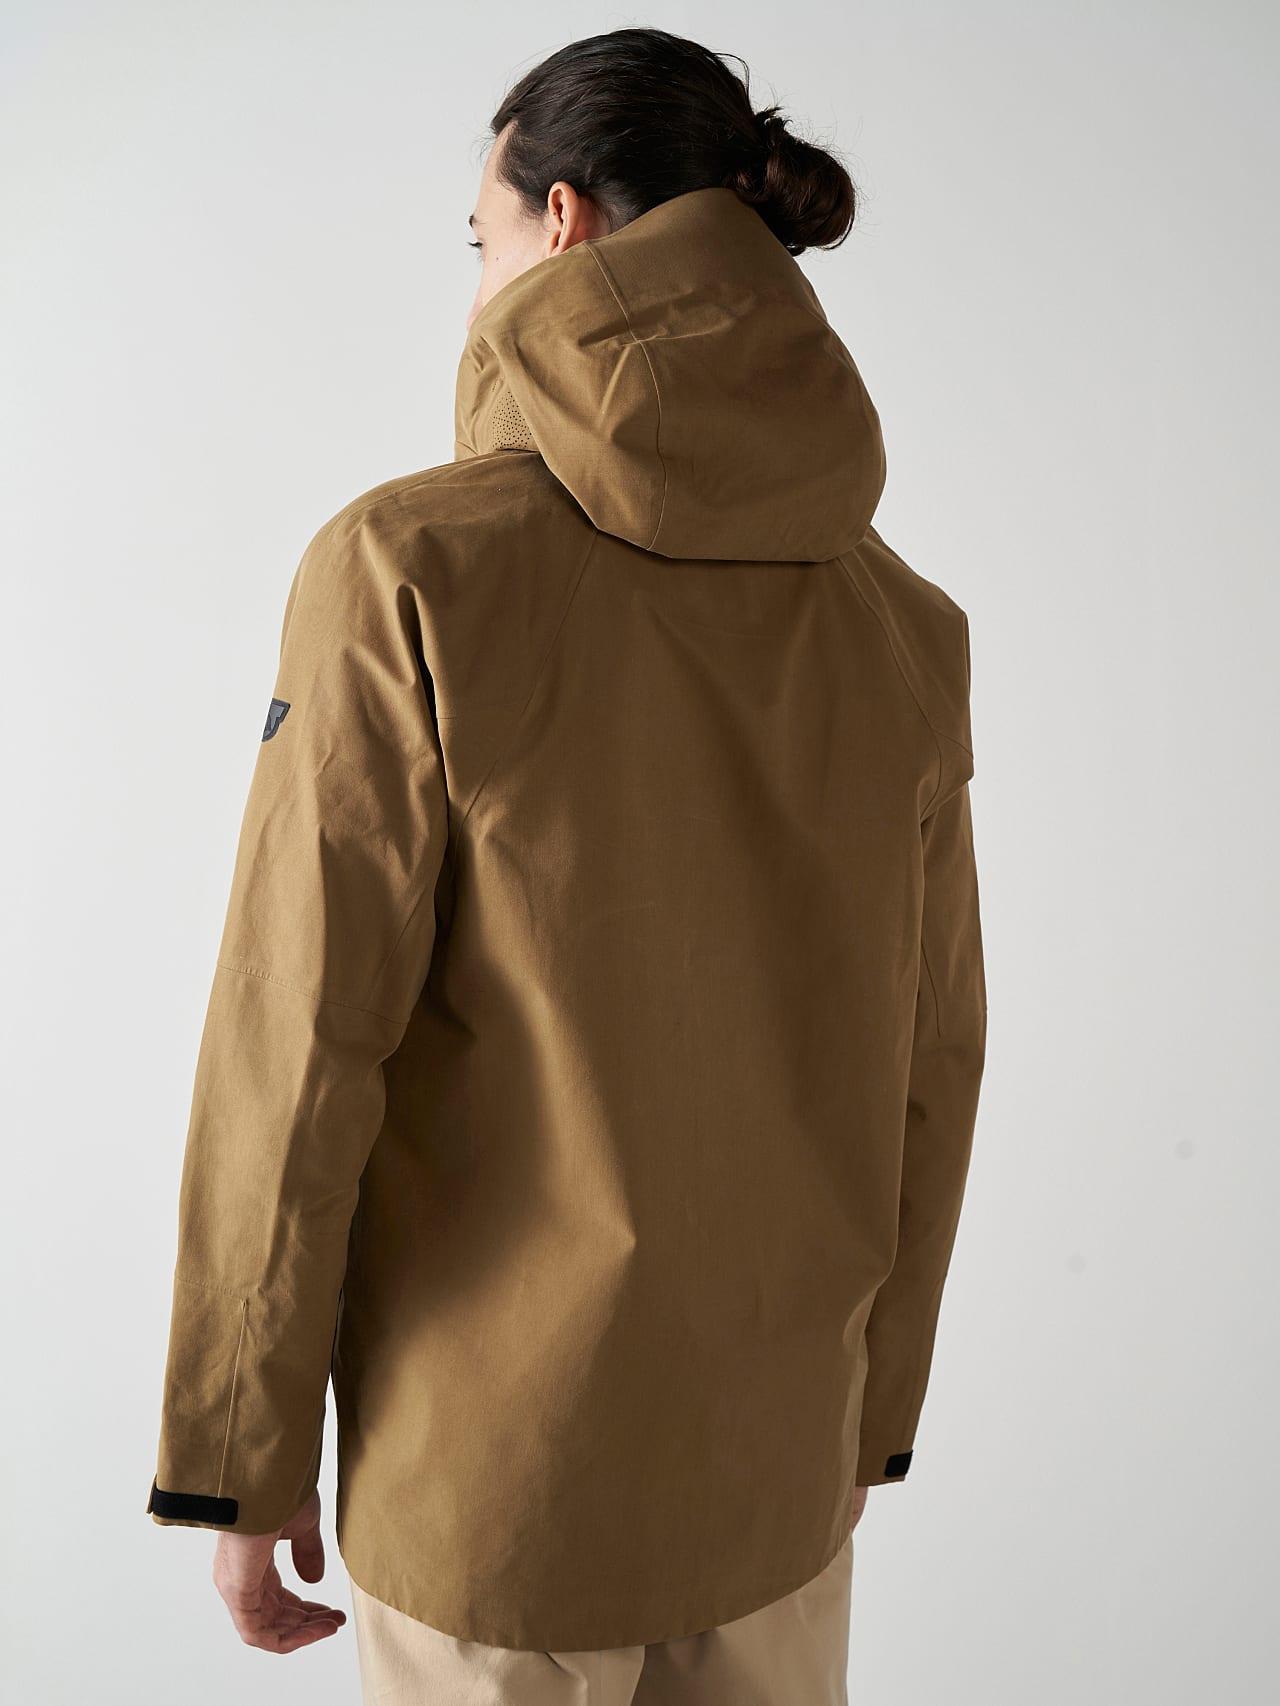 OKOVO V3.Y5.01 Packable Waterproof Jacket brown scene7.view.9.name Alpha Tauri